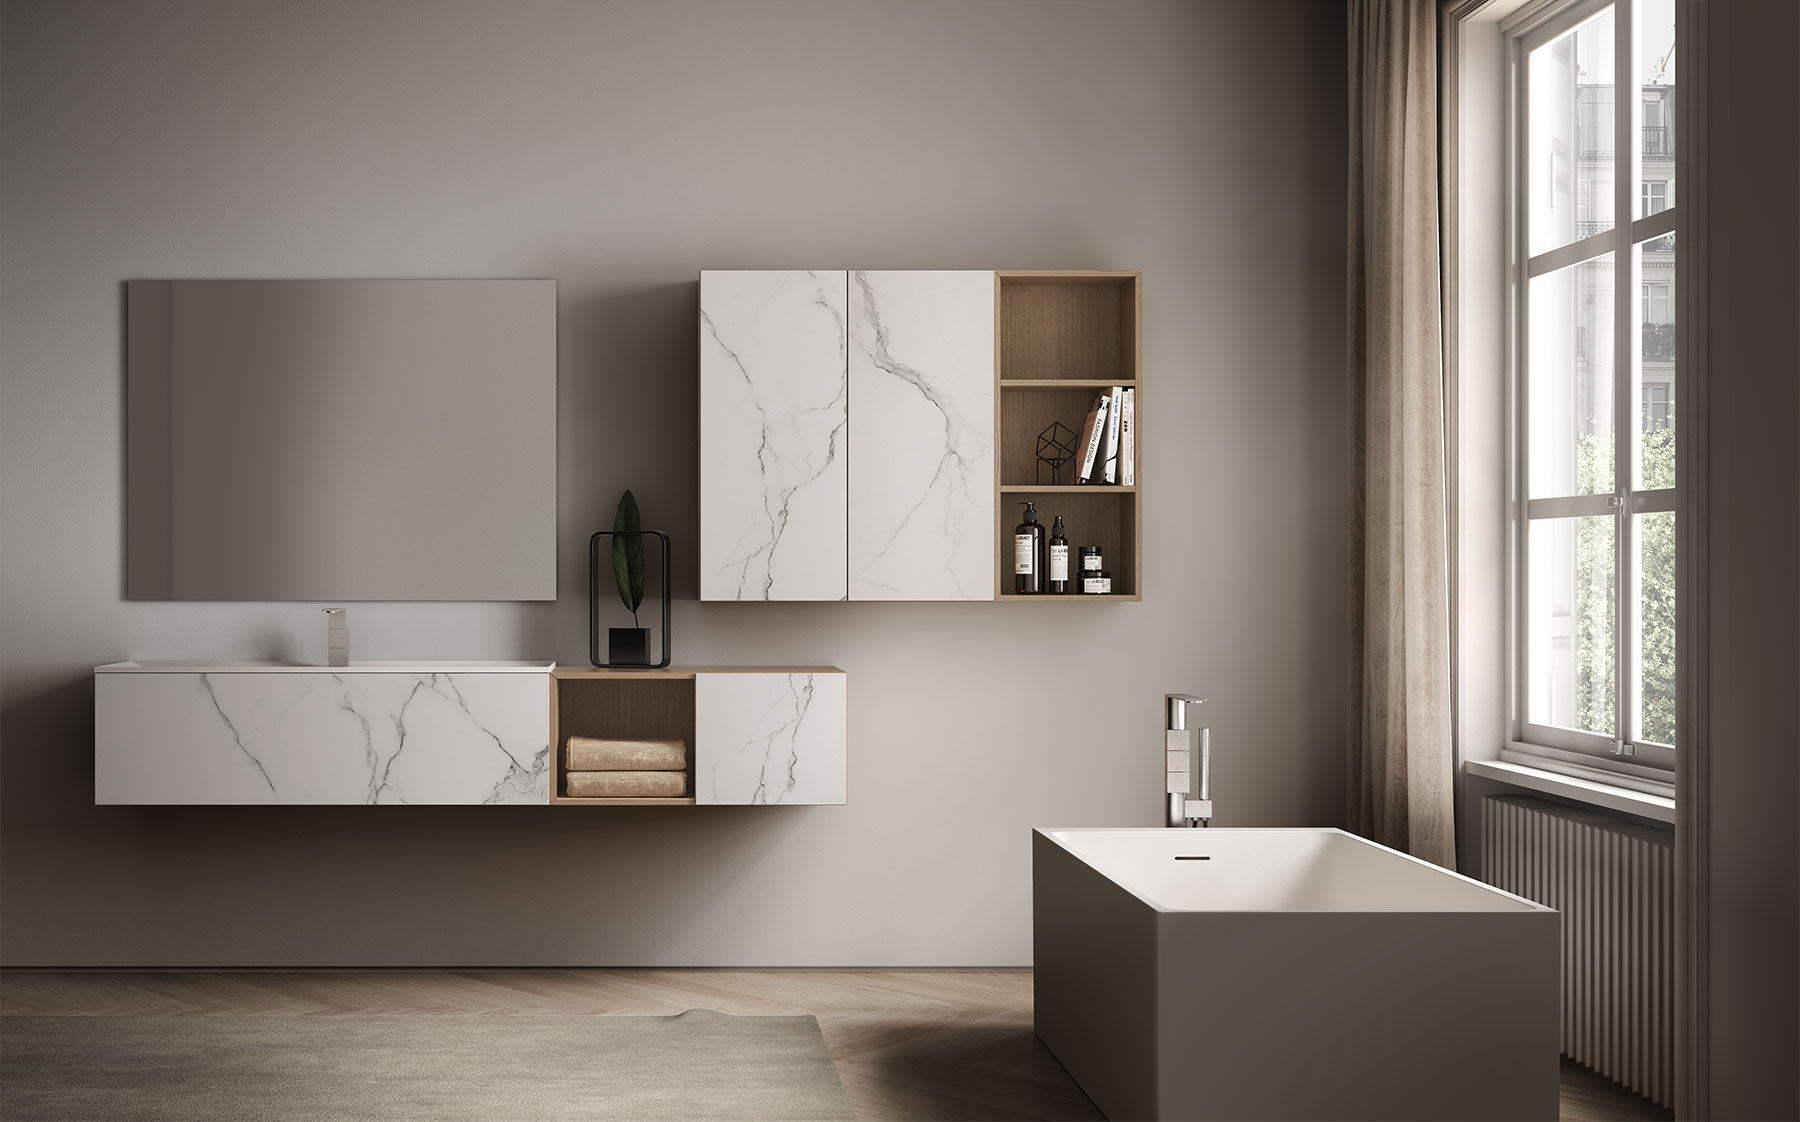 Bagni Di Lusso Moderni dogma: mobili bagno moderni per bagni di lusso - ideagroup